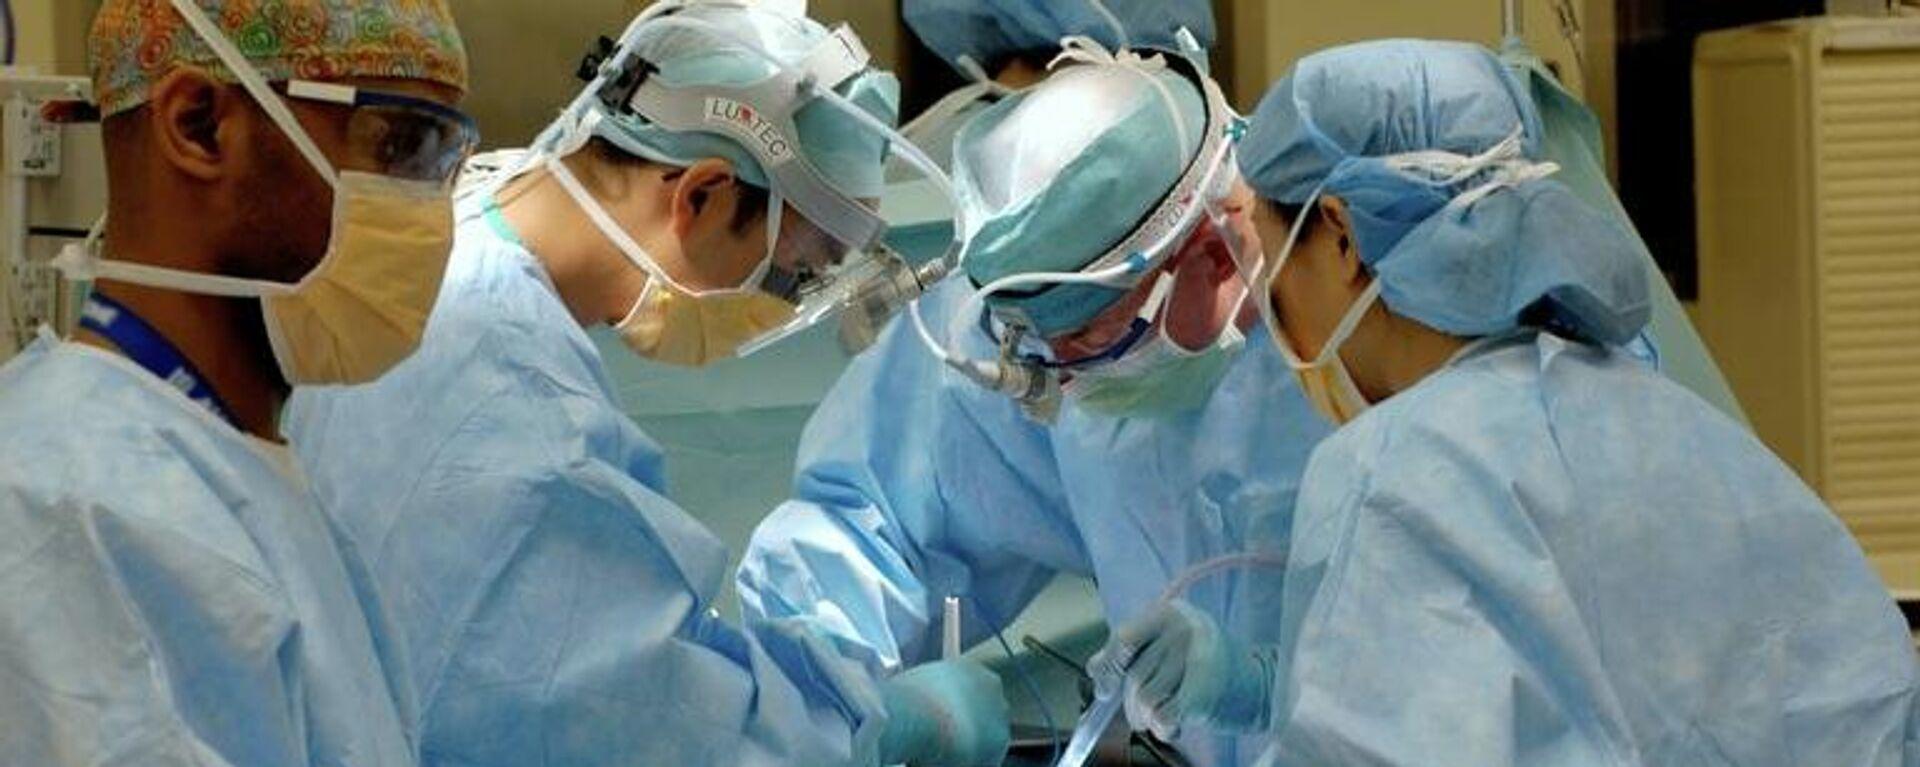 Γιατροί σε χειρουργείο - Sputnik Ελλάδα, 1920, 11.08.2021